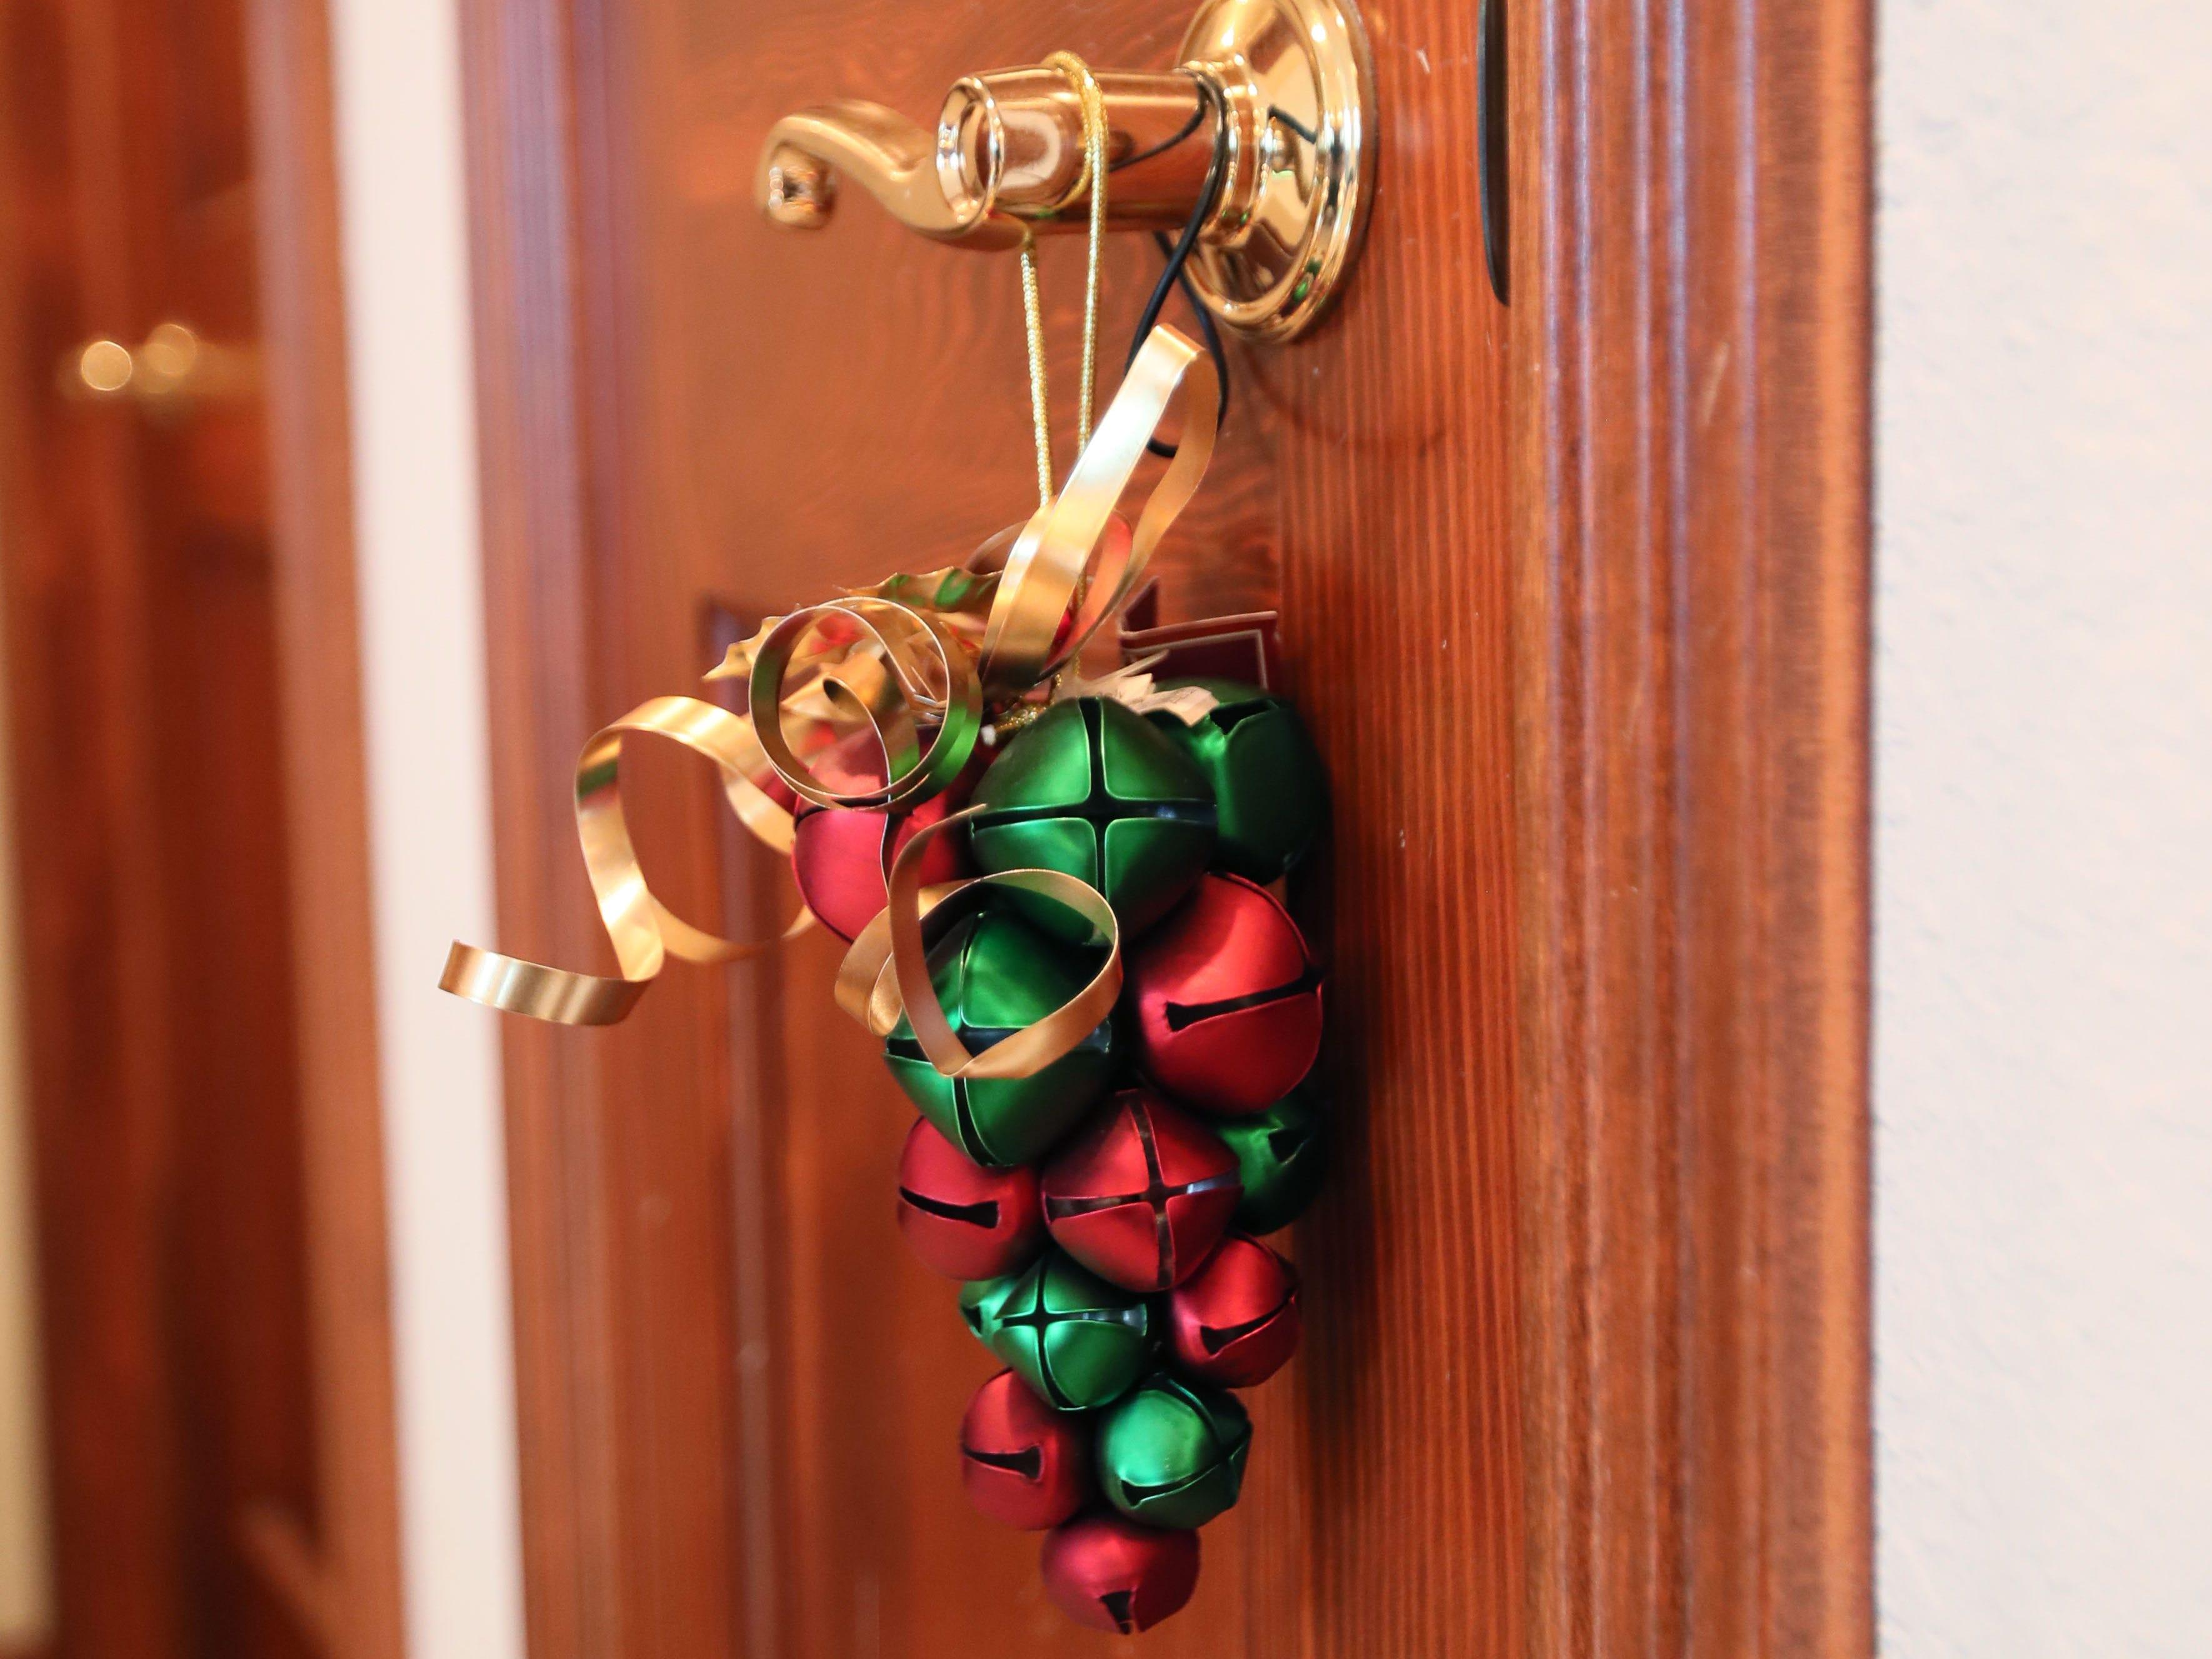 Jingle bells hang on a door handle on the second floor.